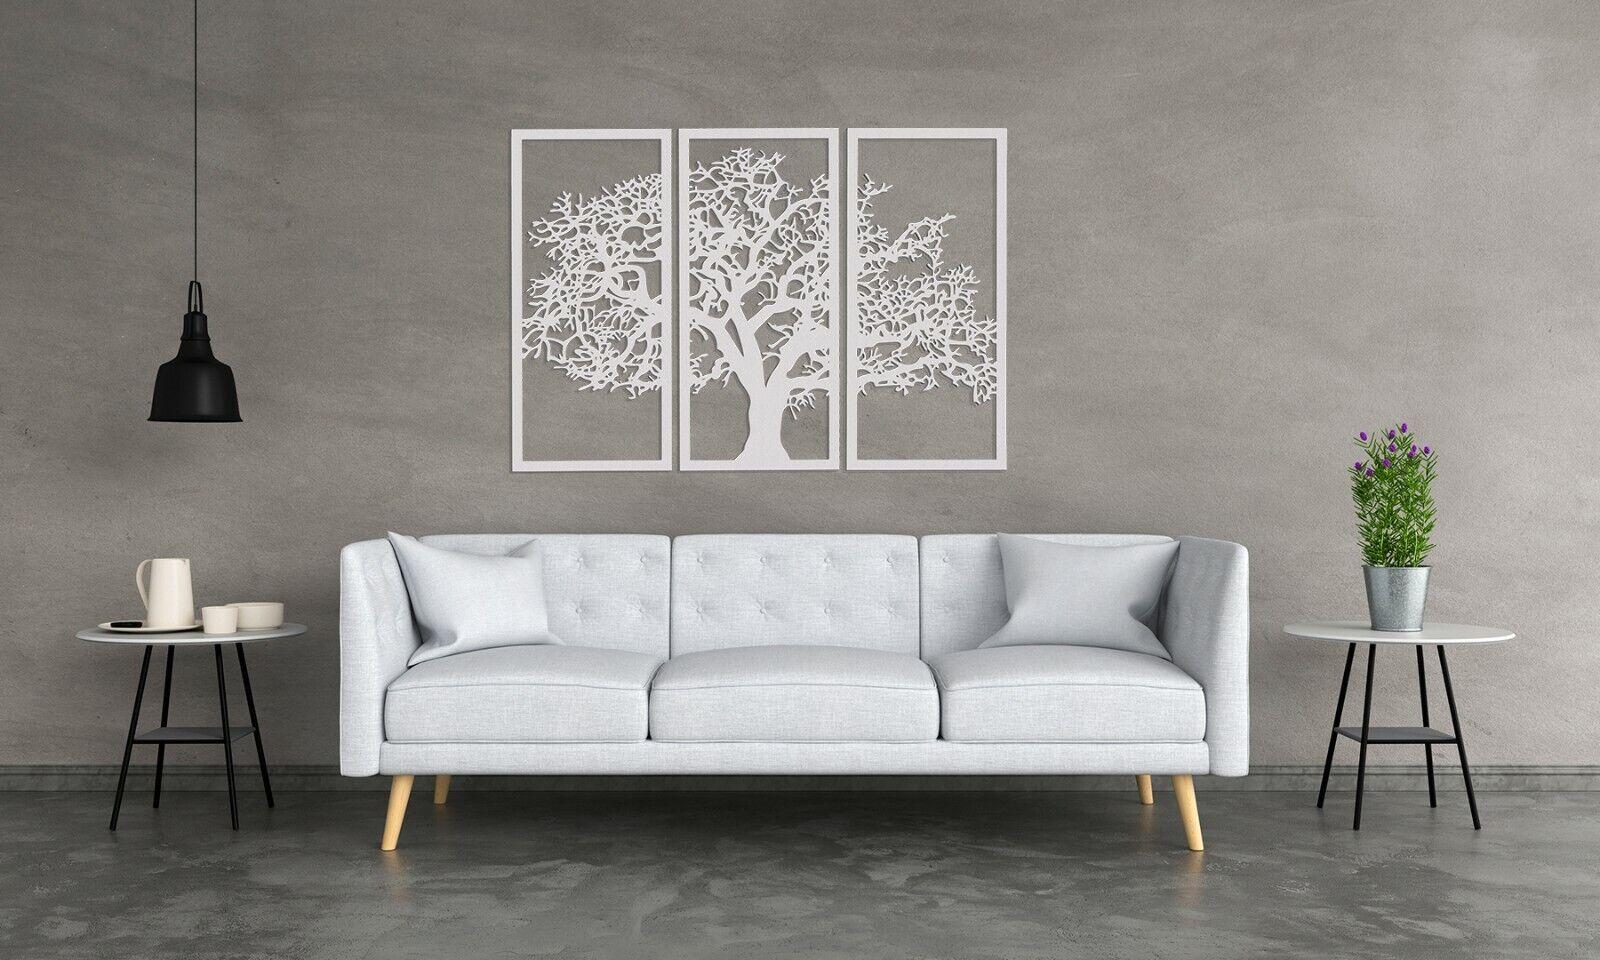 3D DEKORATIVE WANDPANEEL,   TREE OF LIFE   TRIPTYCHON ,75 x 110 cm, HANDMADE | Online Shop